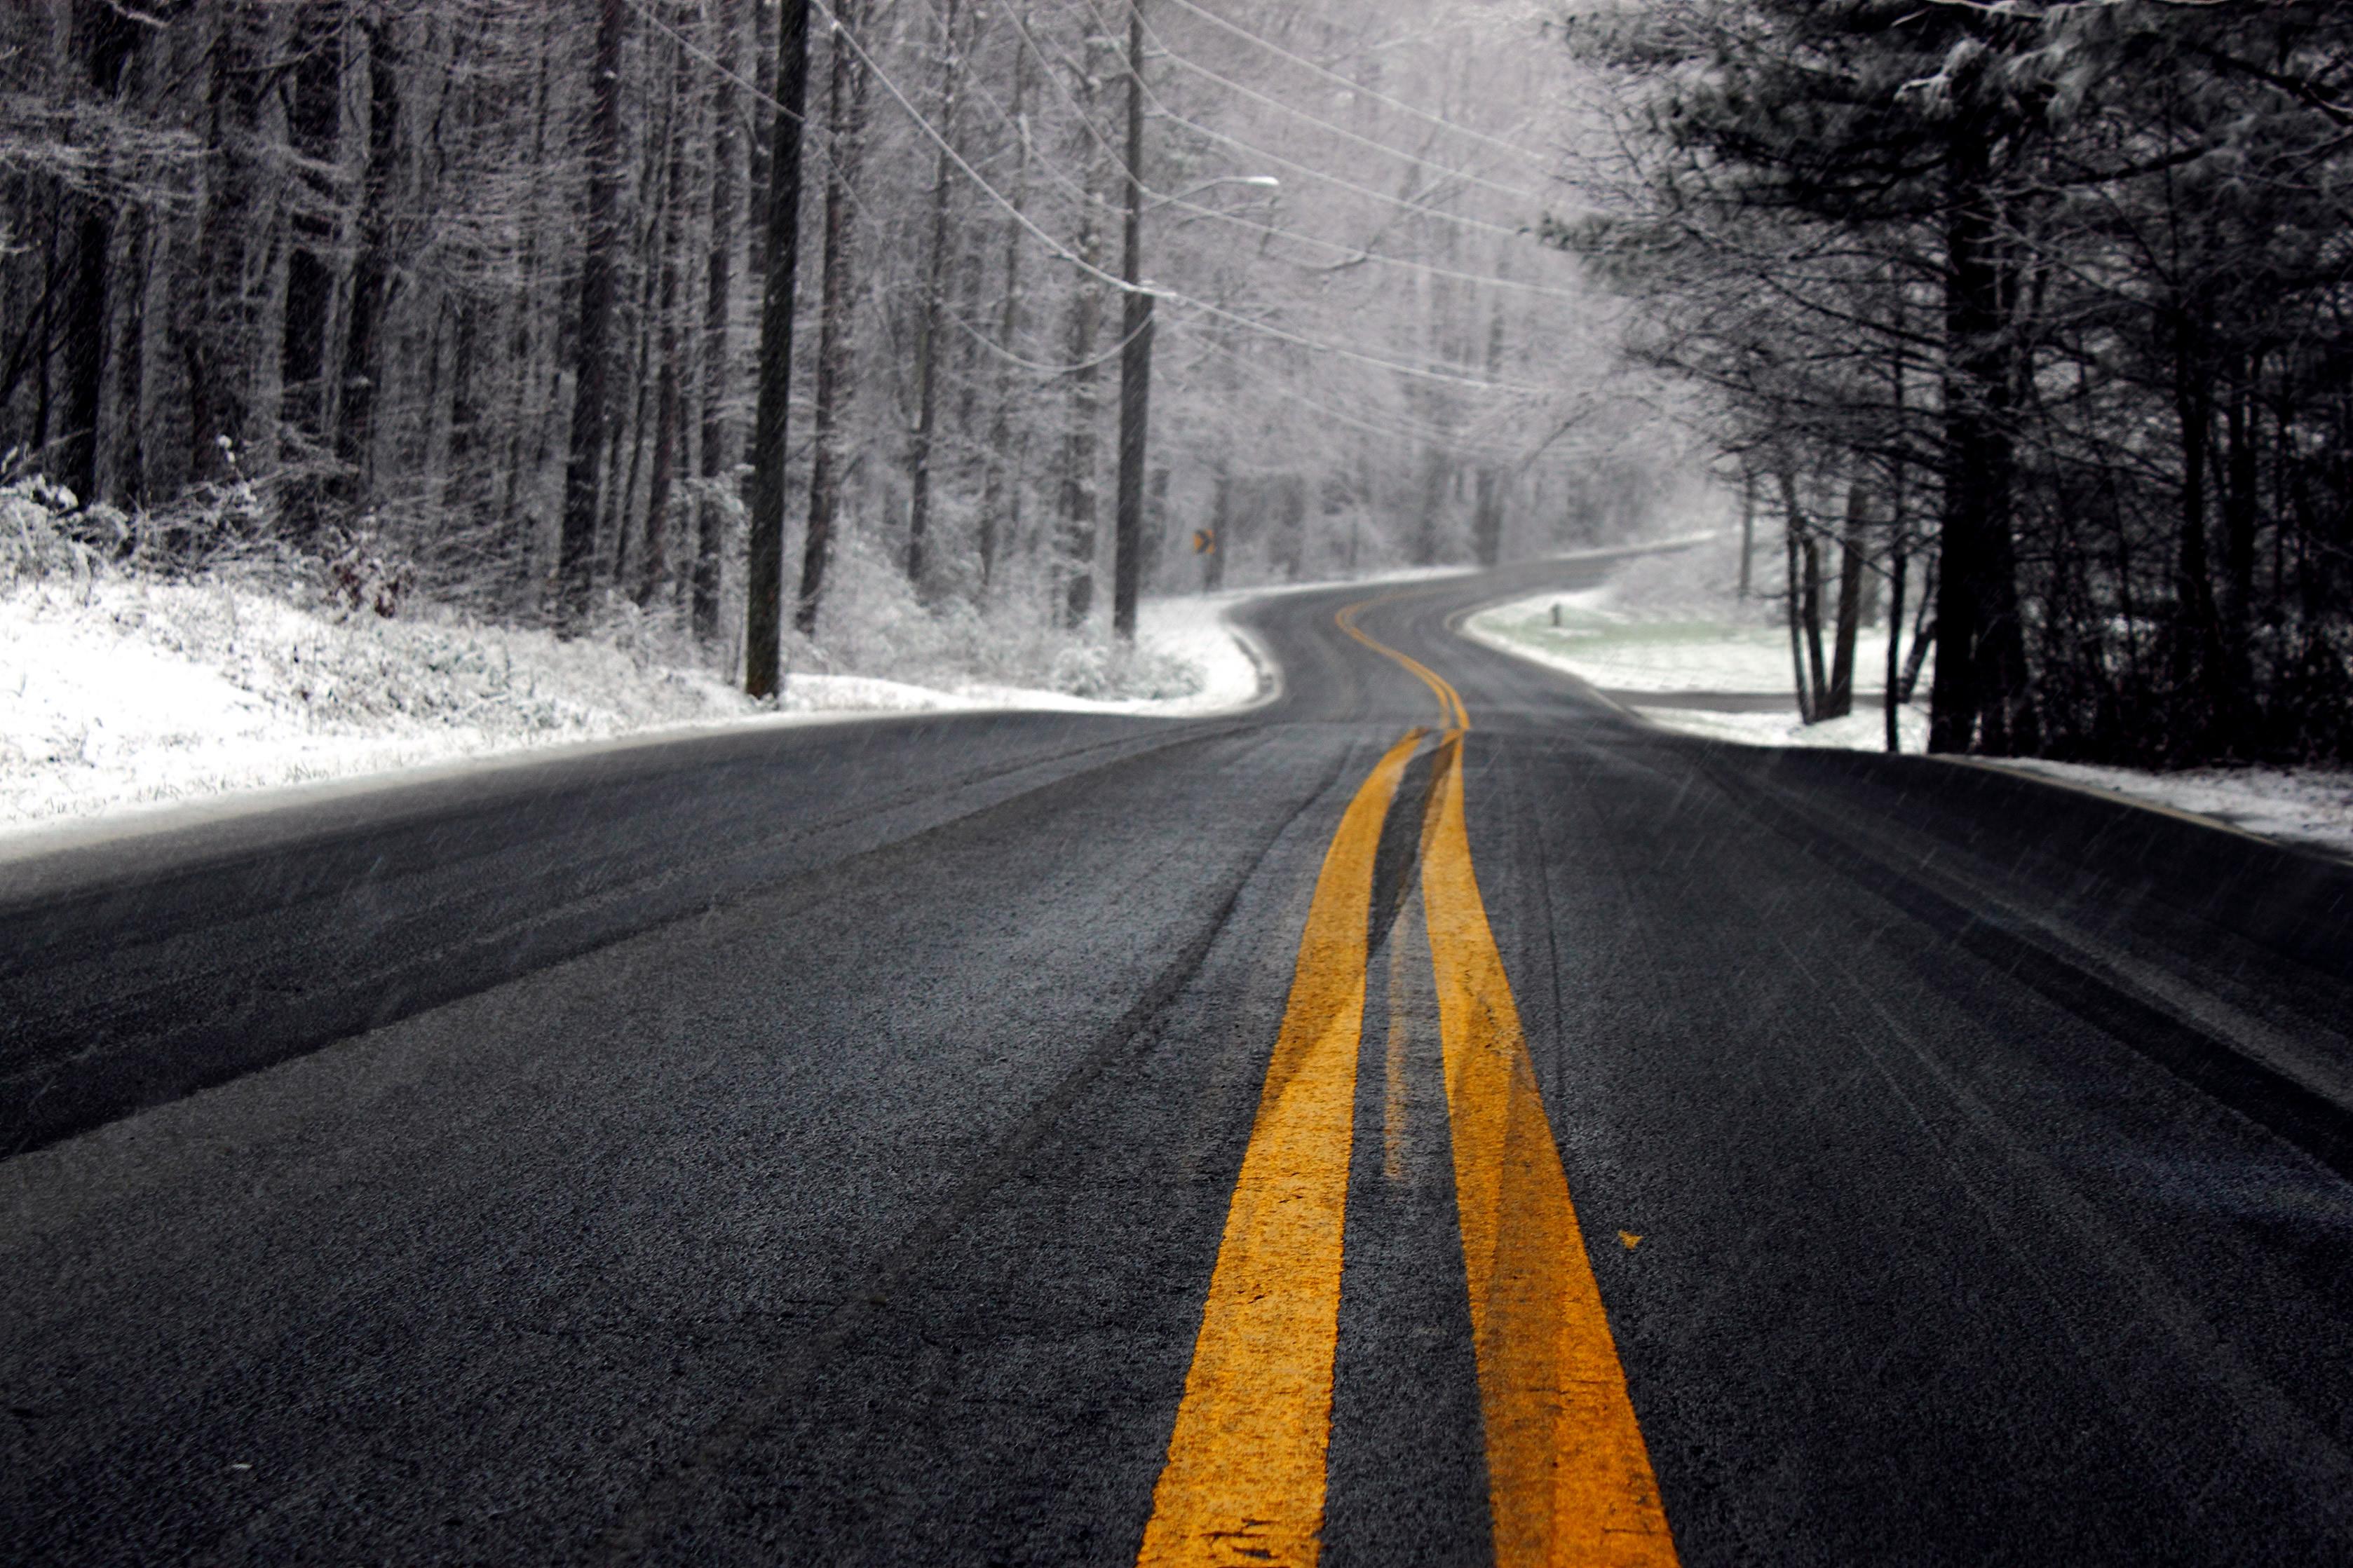 Зимняя дорога, разметка, полоса, асфальт, скачать фото, обои для рабочего стола